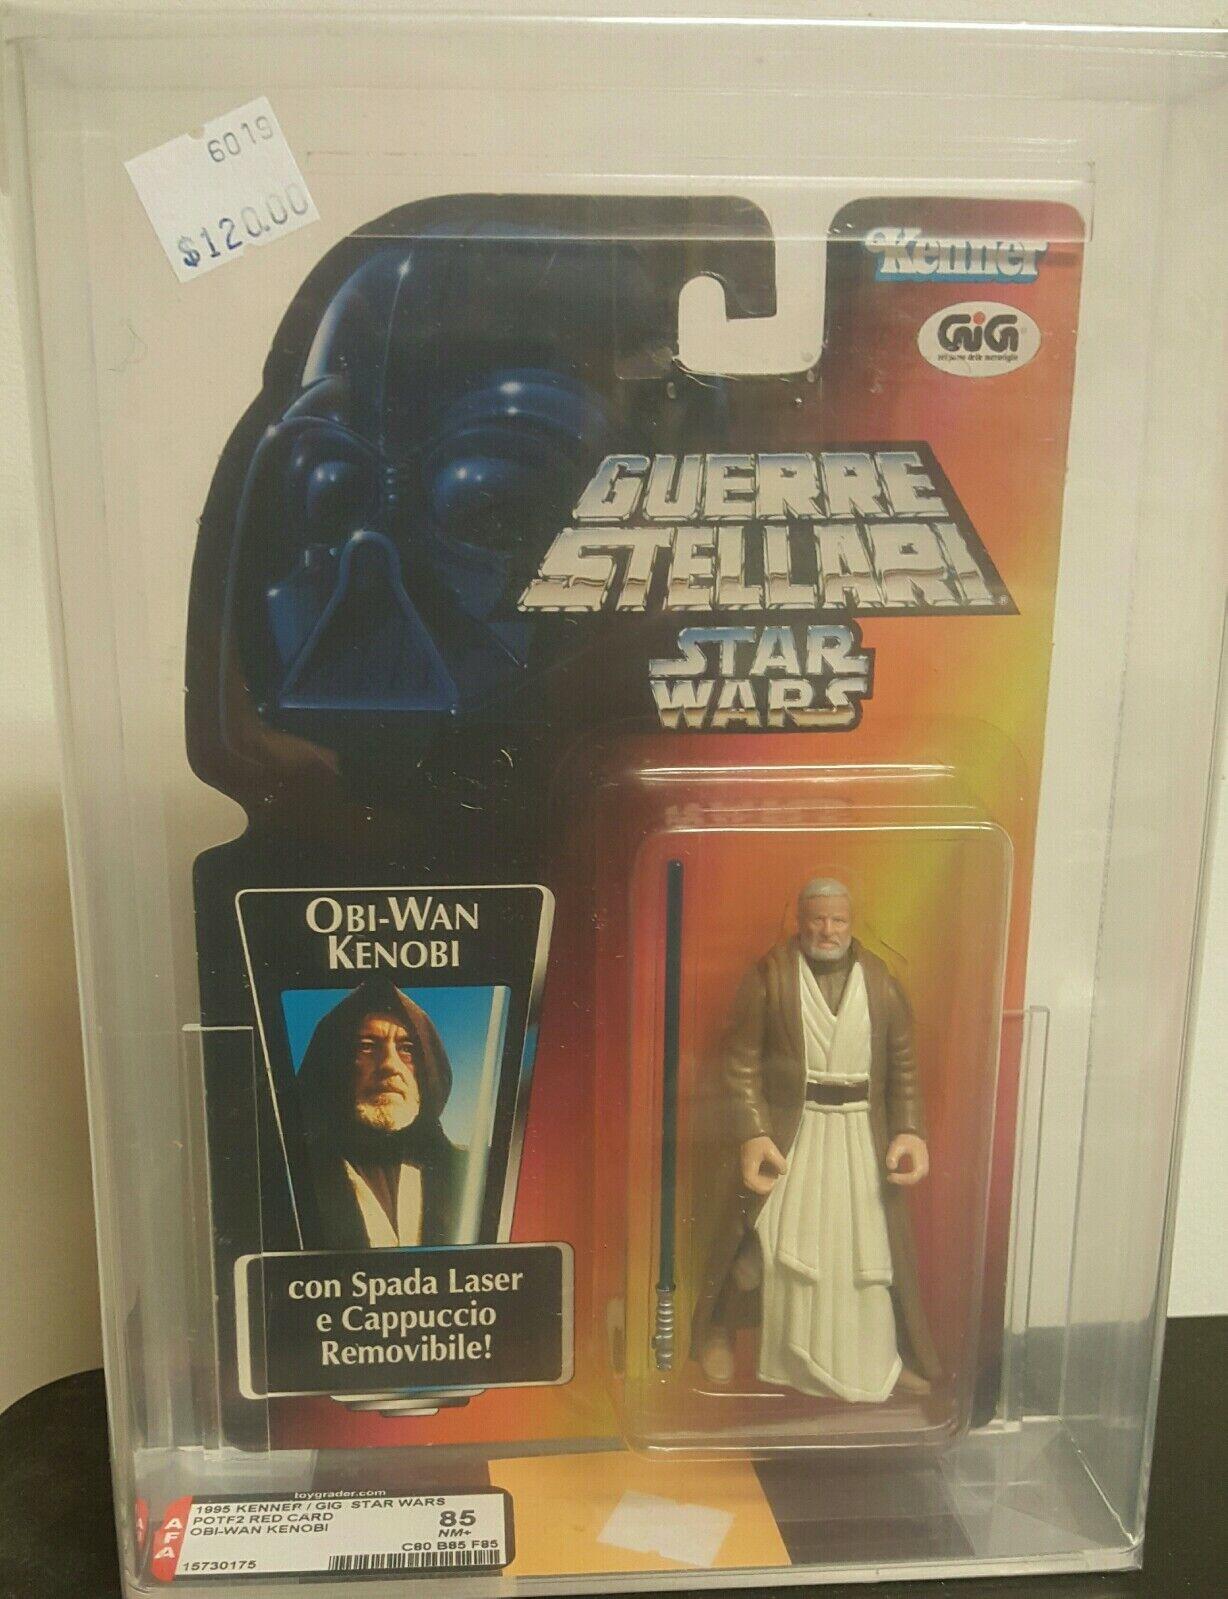 1996 Kenner Gig Estrella wars poder de la fuerza 2 tarjeta roja Obi-Wan Kenobi Figura De Acción autoridad graduada 85NM+